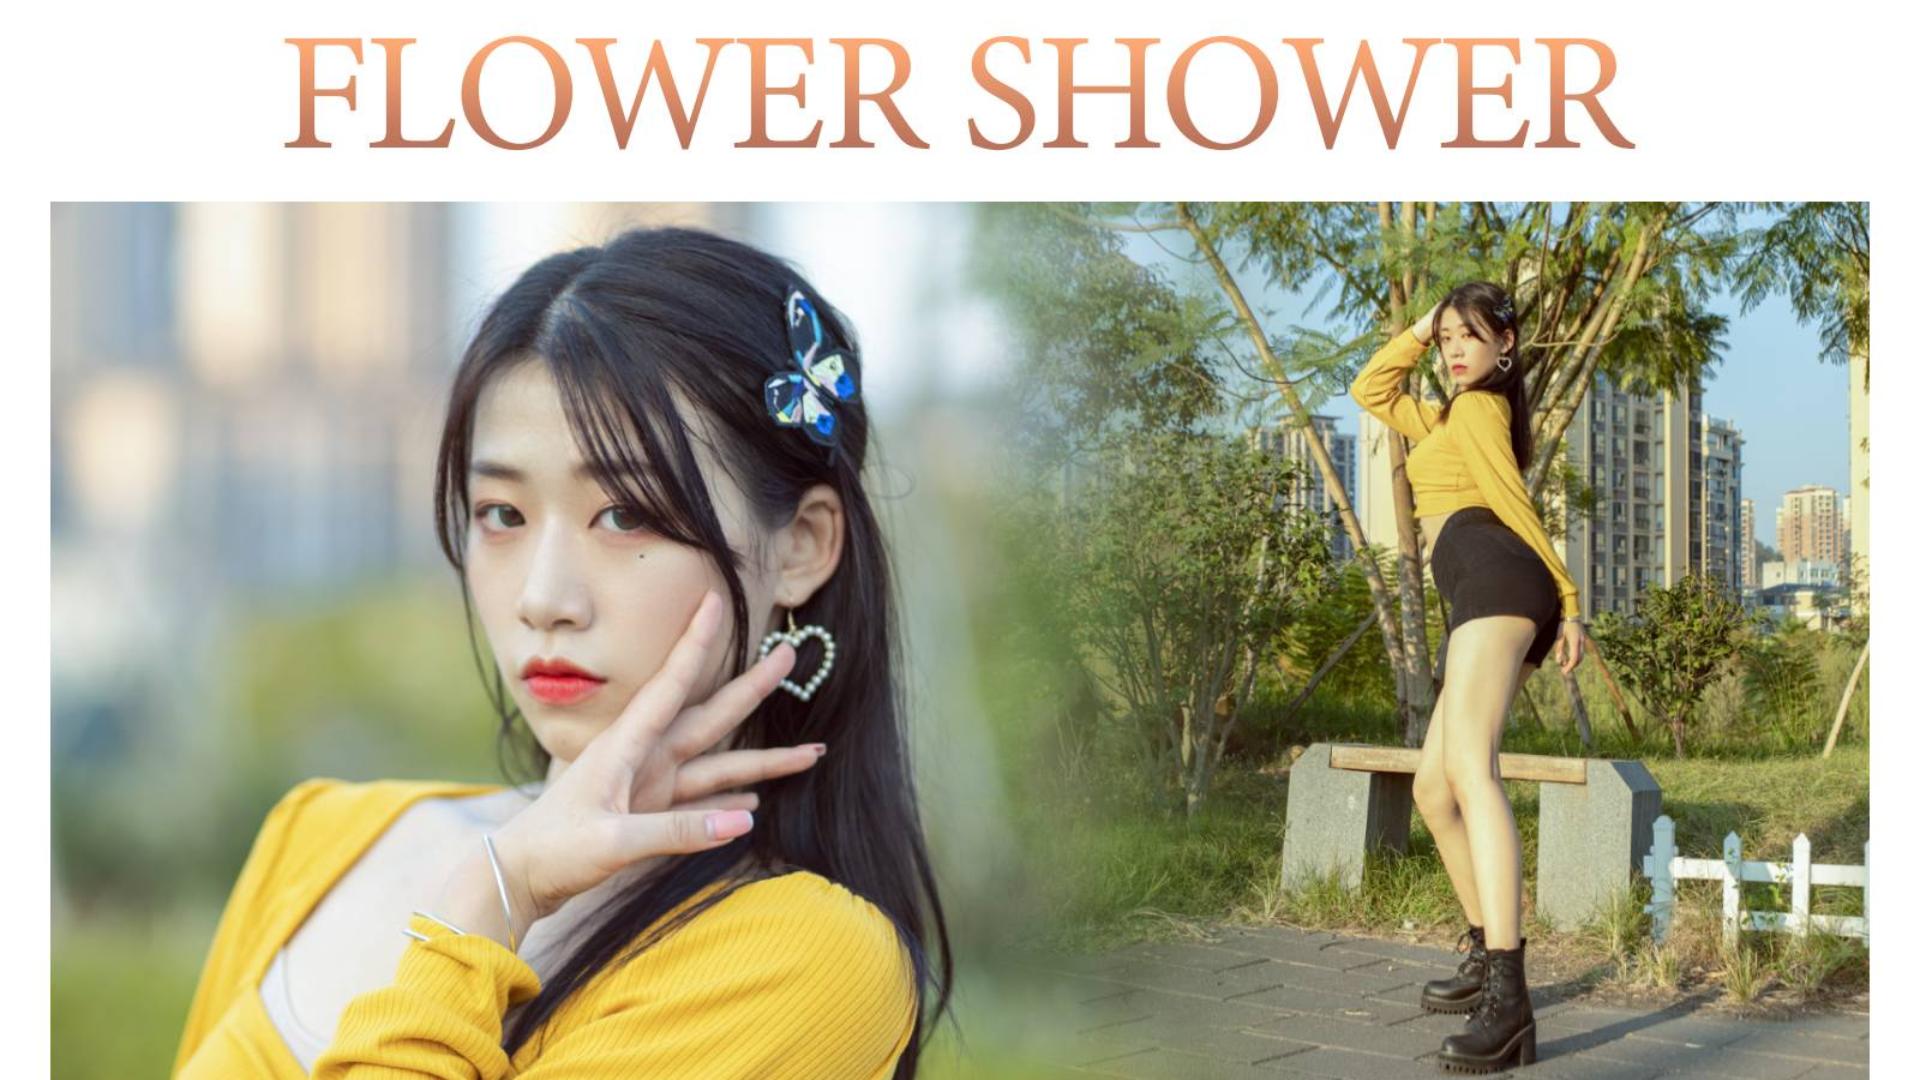 【子怡】一起沐浴在花雨中~泫雅新歌FLOWER SHOWER翻跳